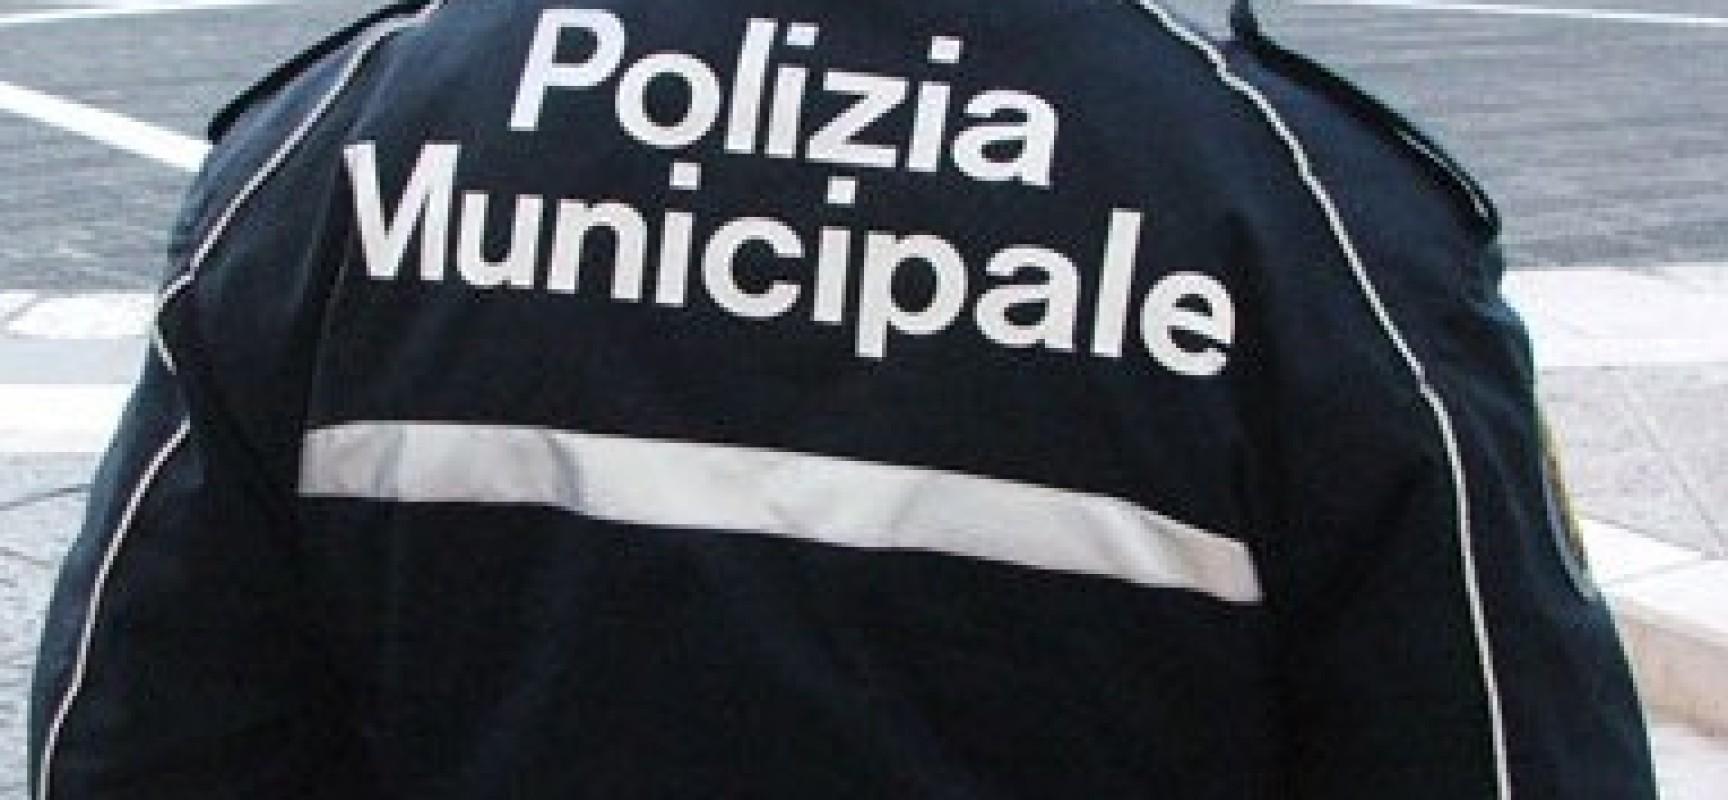 NUOVO REGOLAMENTO DI POLIZIA URBANA, CONFCOMMERCIO E COMMISSIONE PRONTE A PRESENTARE PER ISCRITTO LE PROPRIE OSSERVAZIONI